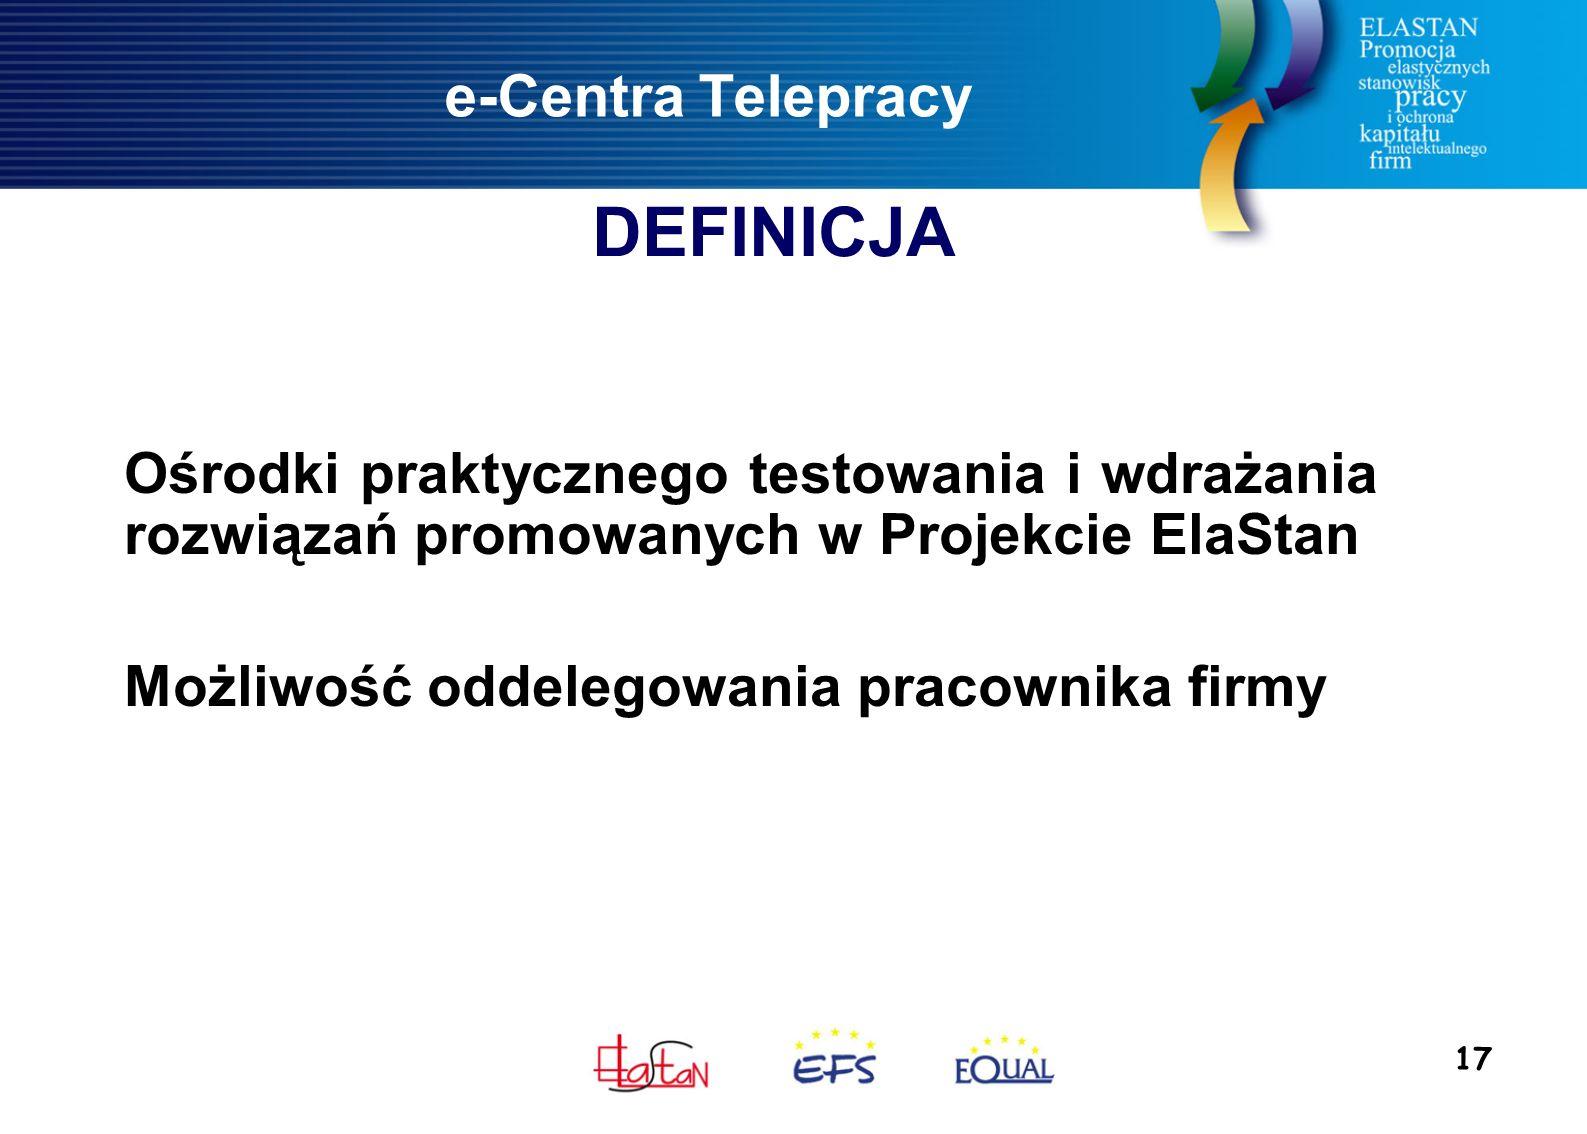 17 e-Centra Telepracy Ośrodki praktycznego testowania i wdrażania rozwiązań promowanych w Projekcie ElaStan Możliwość oddelegowania pracownika firmy D